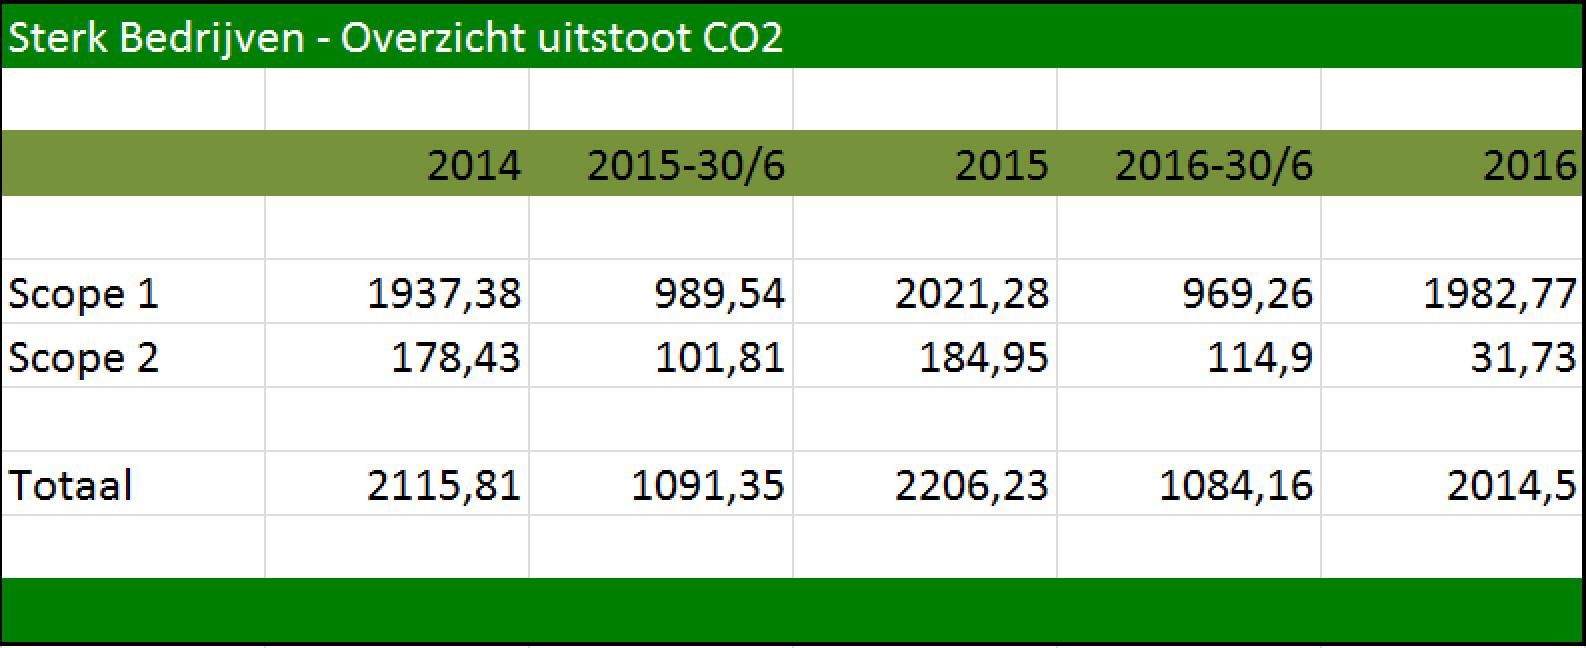 Sterk Bedrijven - Overzicht Uitstoot CO2